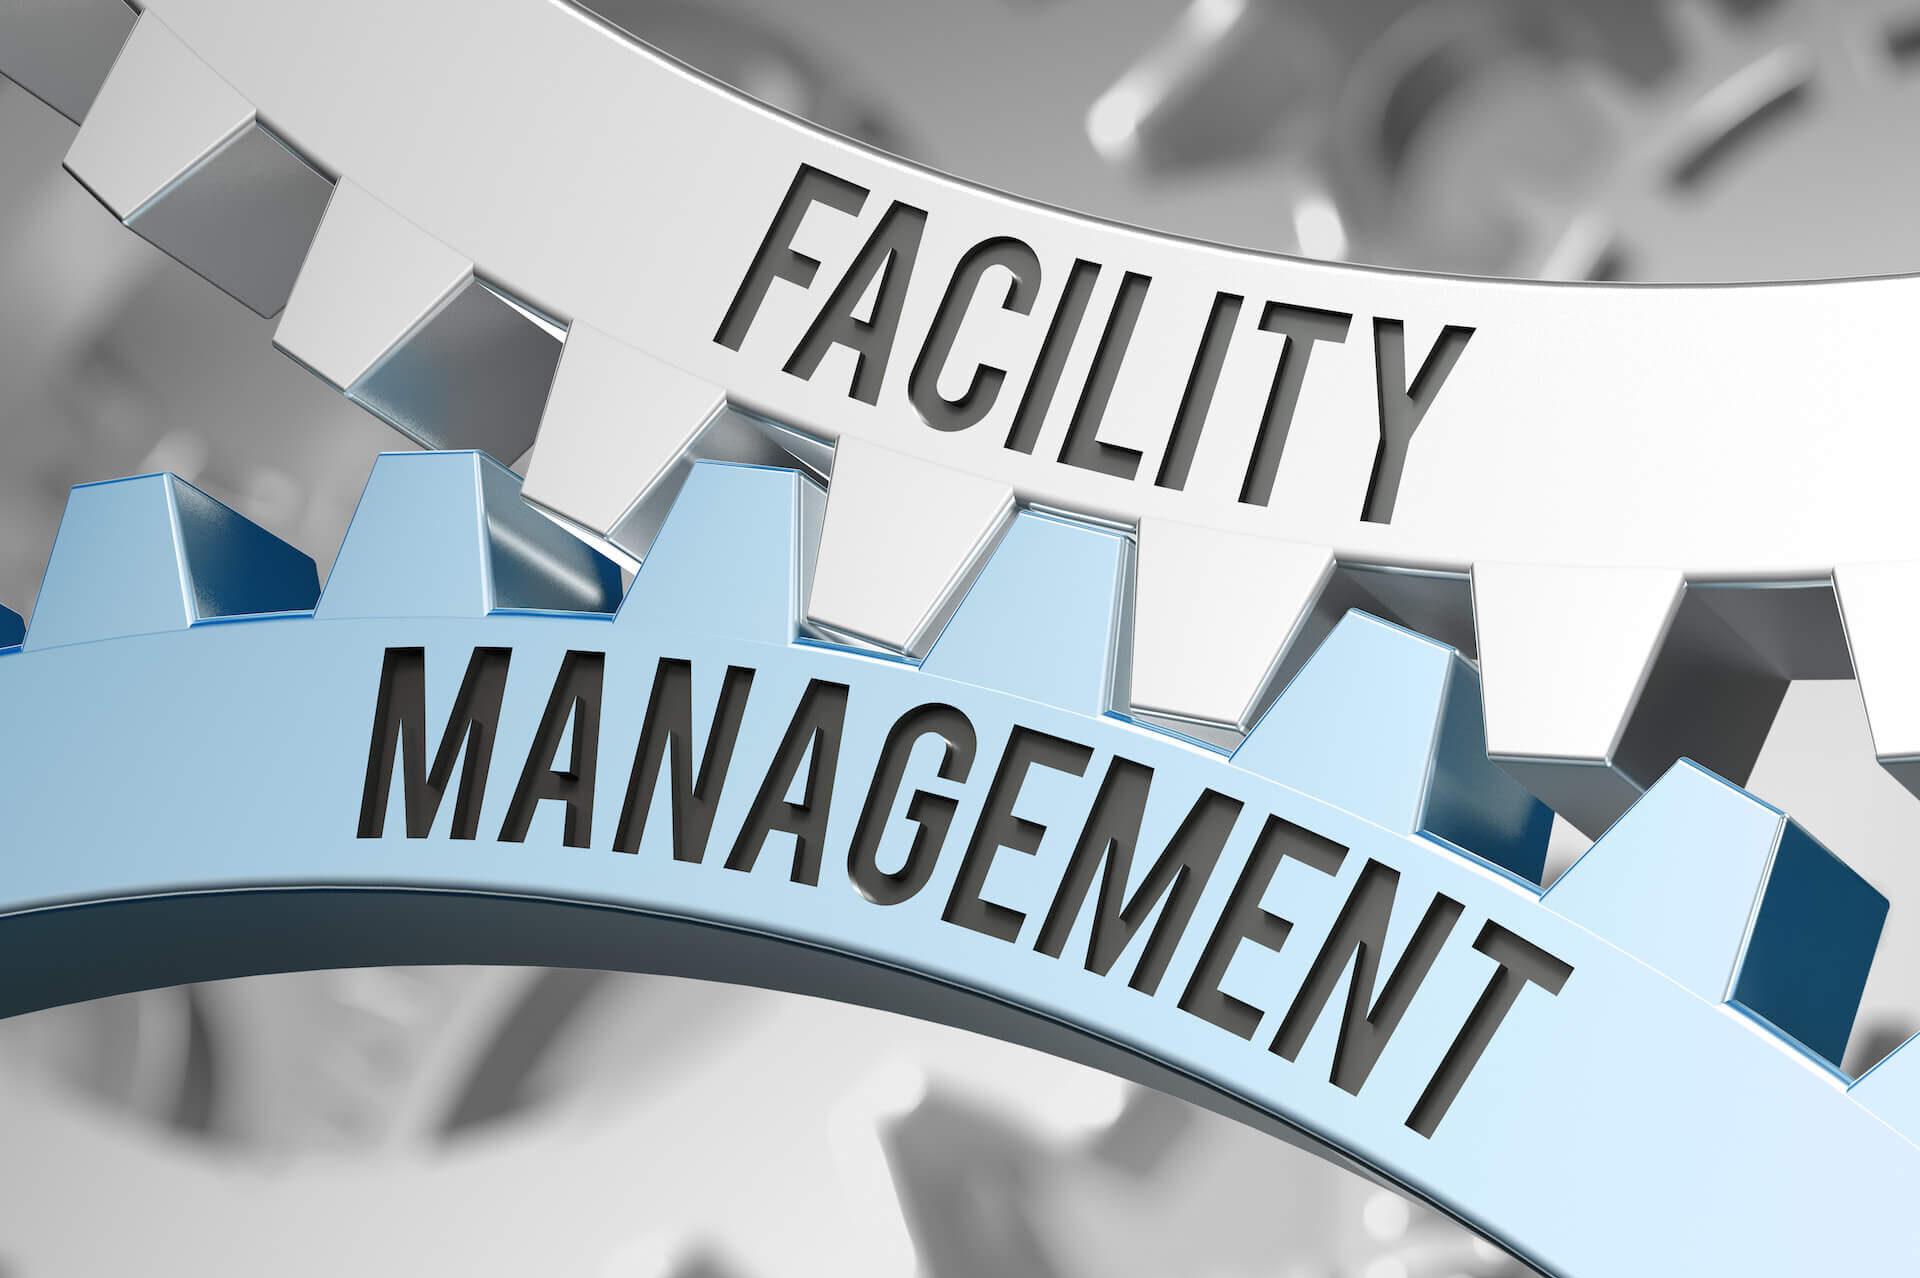 Преимущества фасилити менеджмента для крупных объектов